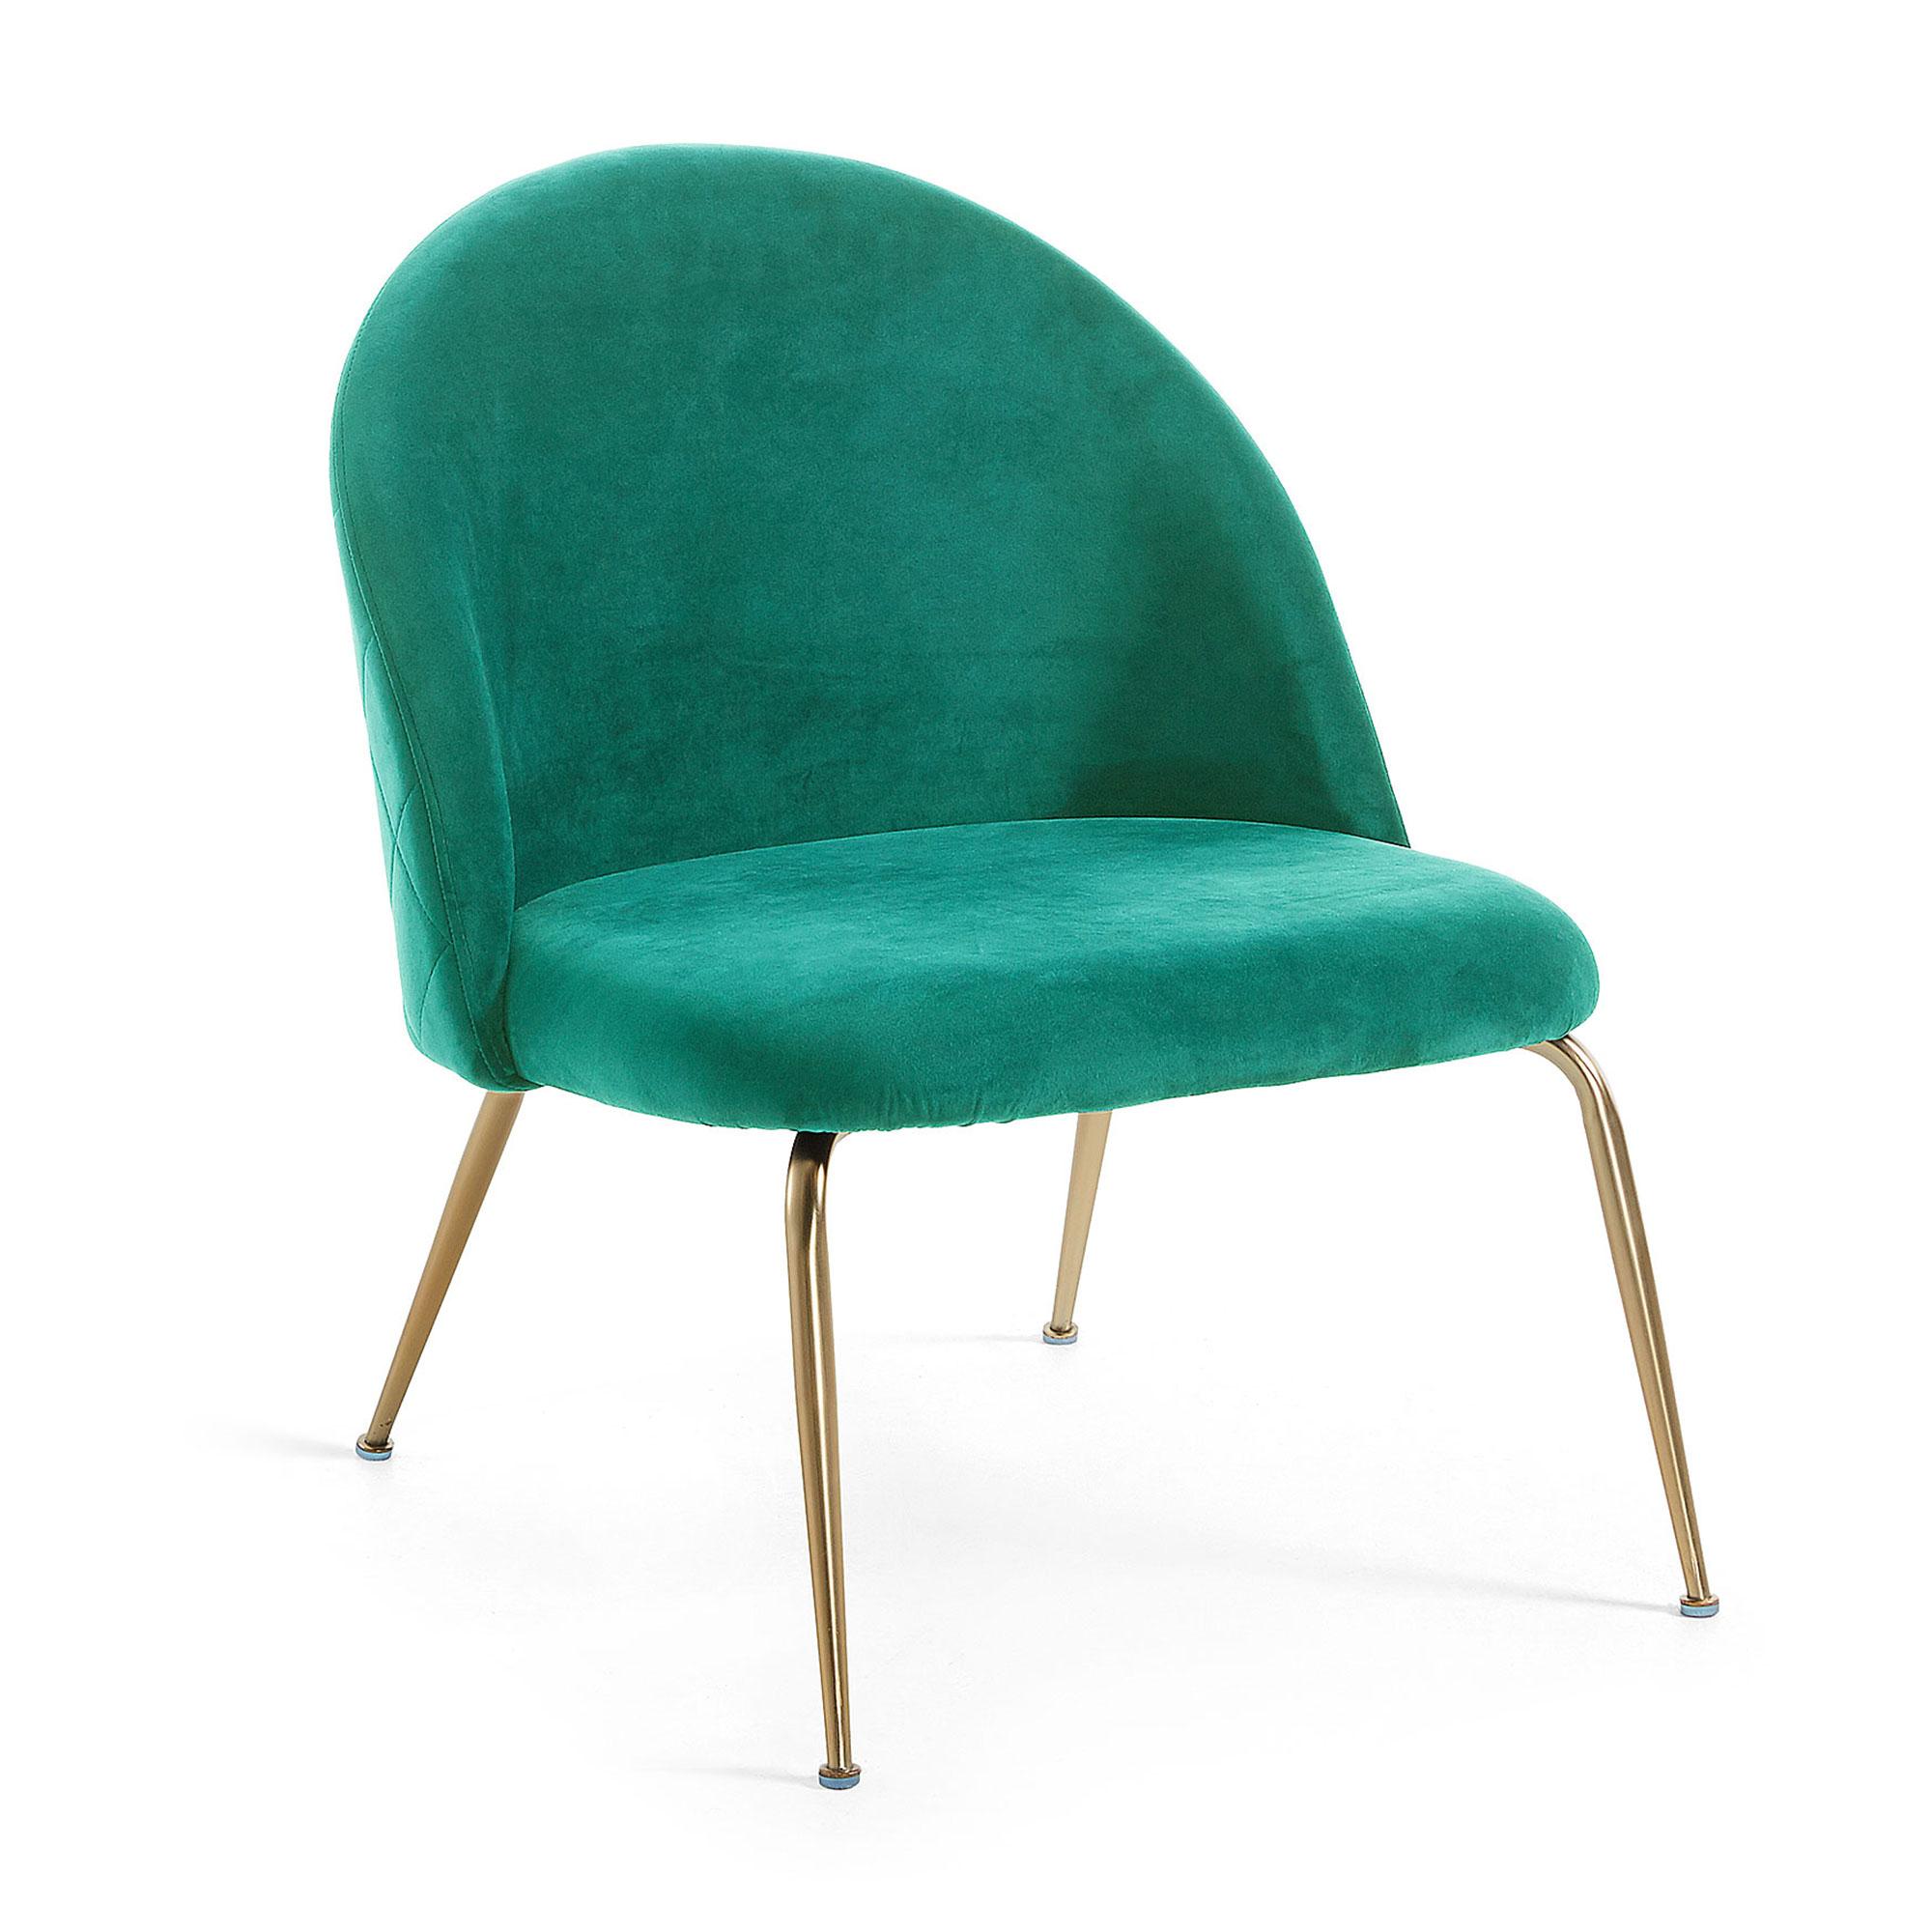 Kave Home Fauteuil 'Ivonne' kleur Groen korting